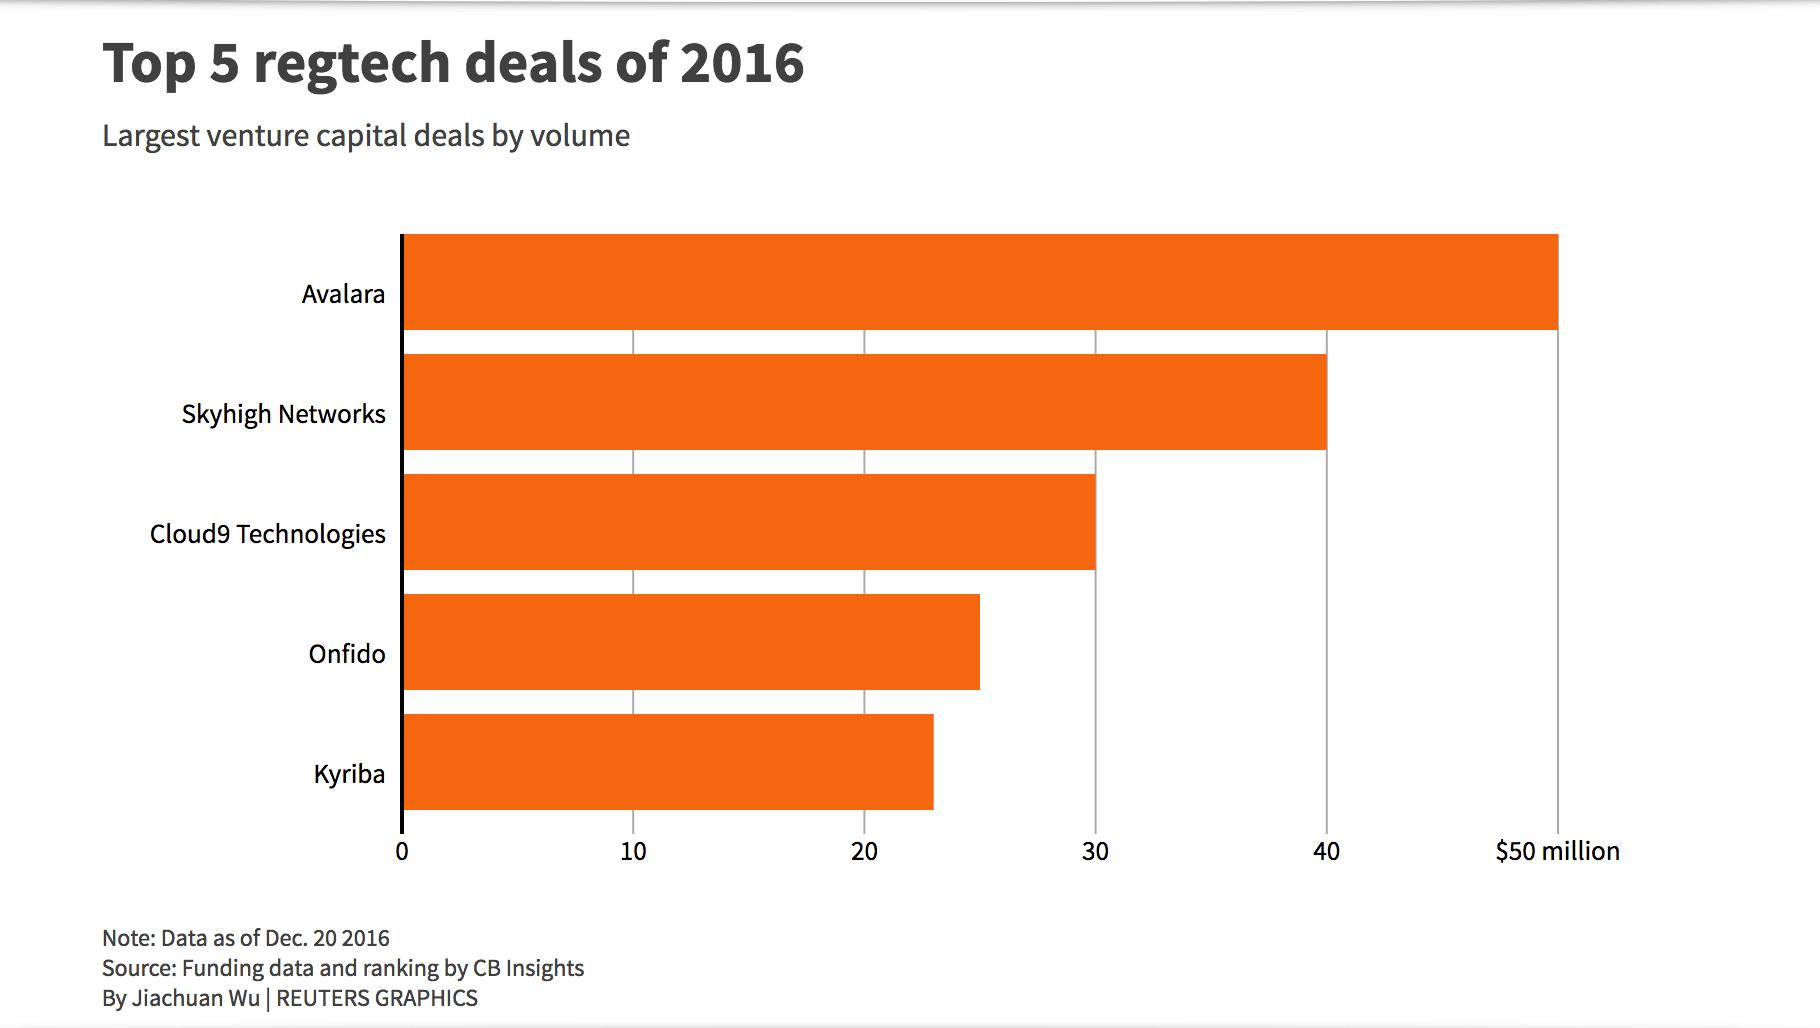 Top 5 regtech deals 2016